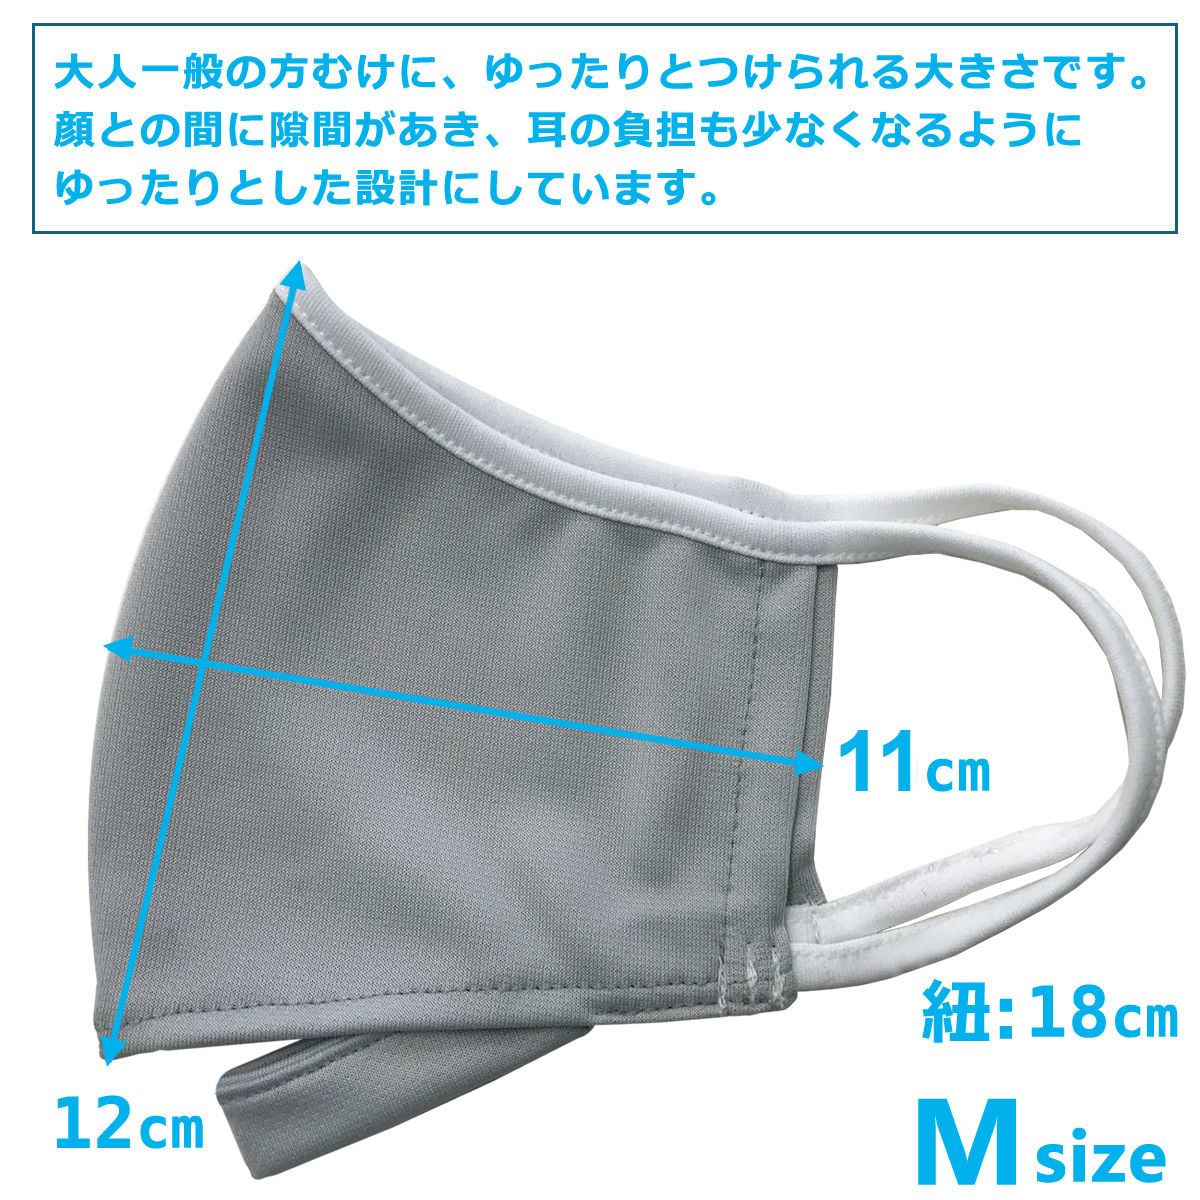 スポーツマスク 日本製 ベンチレーションマスク ライトタイプ ventilation MASK ランニングマスク 苦しくない 呼吸がしやすい メガネが曇りにくい 洗える 蒸れにくい 速乾 軽量 そのままドリンク 熱くない 通気性 UV 改良版(紐にアジャスト機能)も追加!!